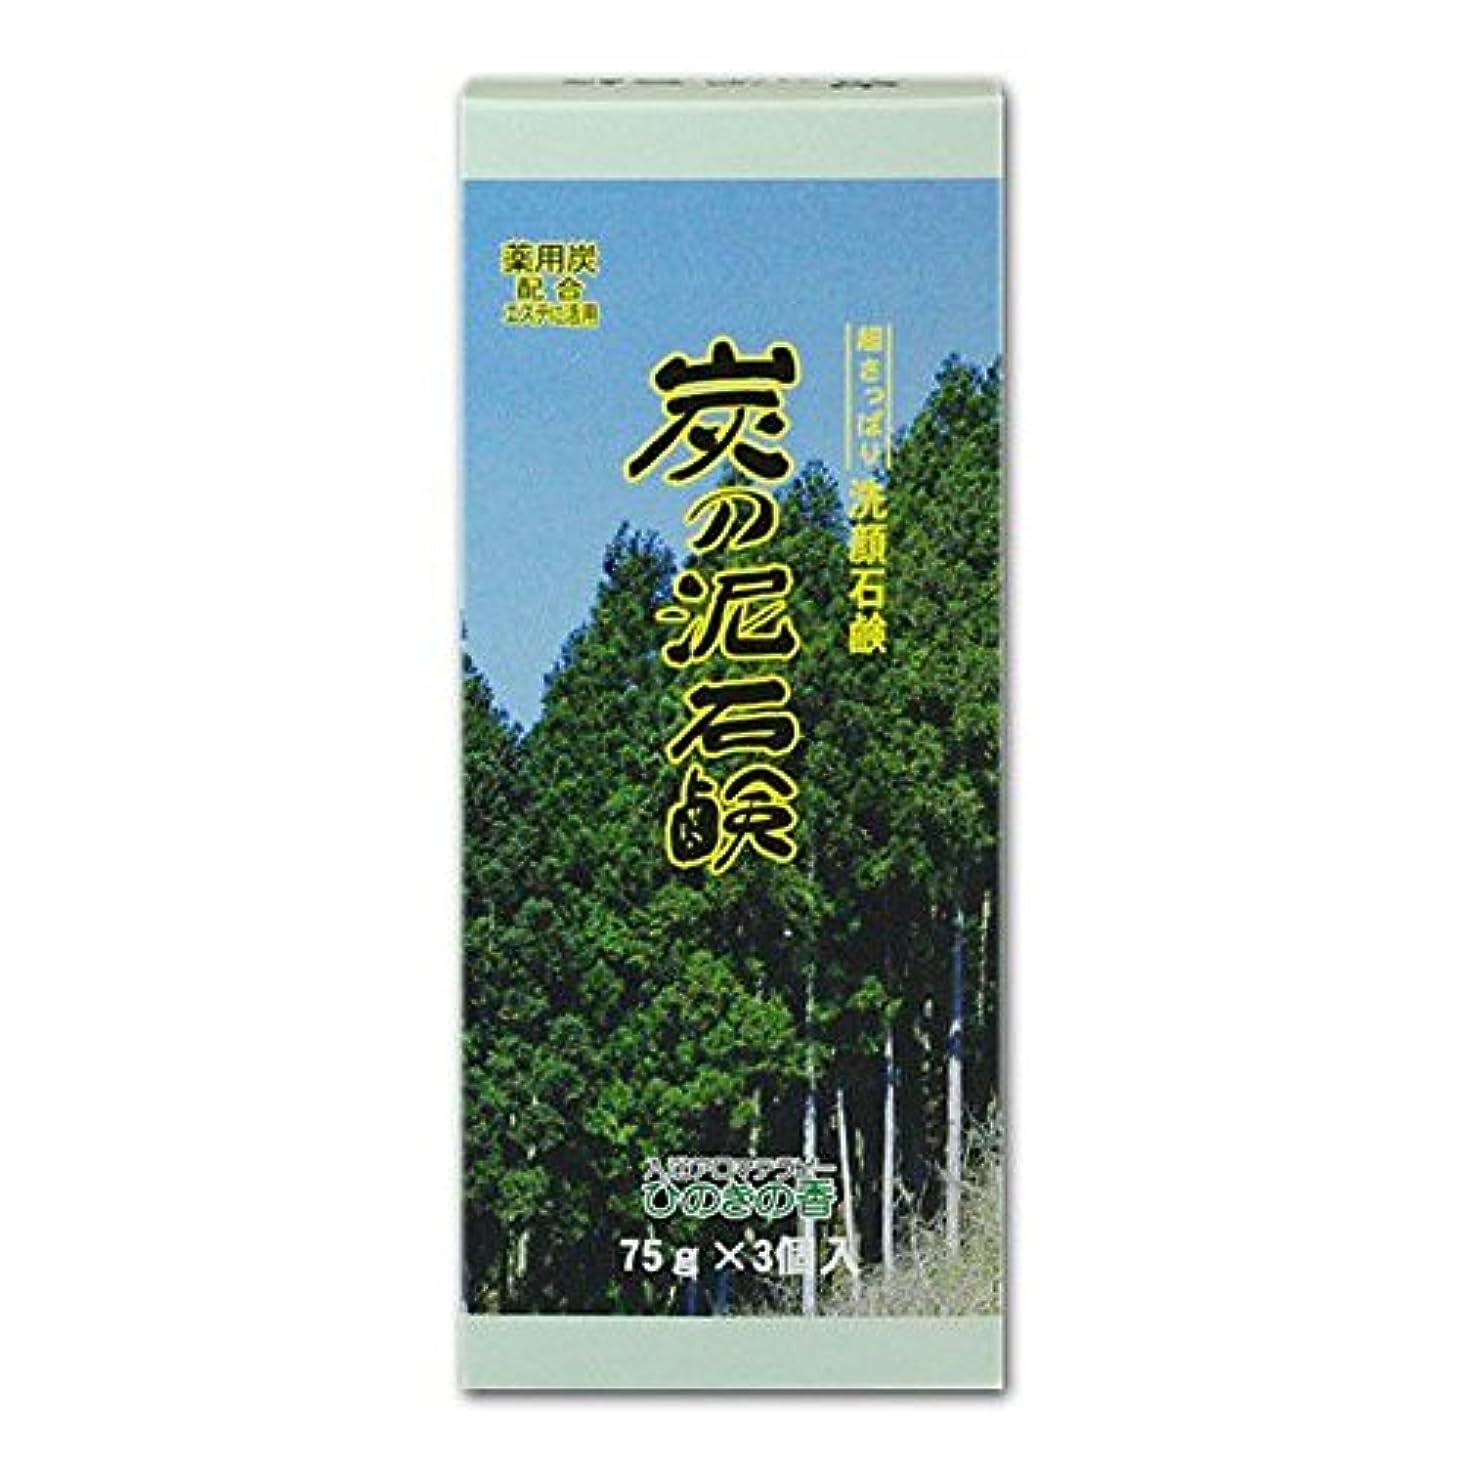 選出するレジデンス映画炭の泥石鹸 3個入り(入浴アロマテラピー ひのきの香 75gx3個入り)